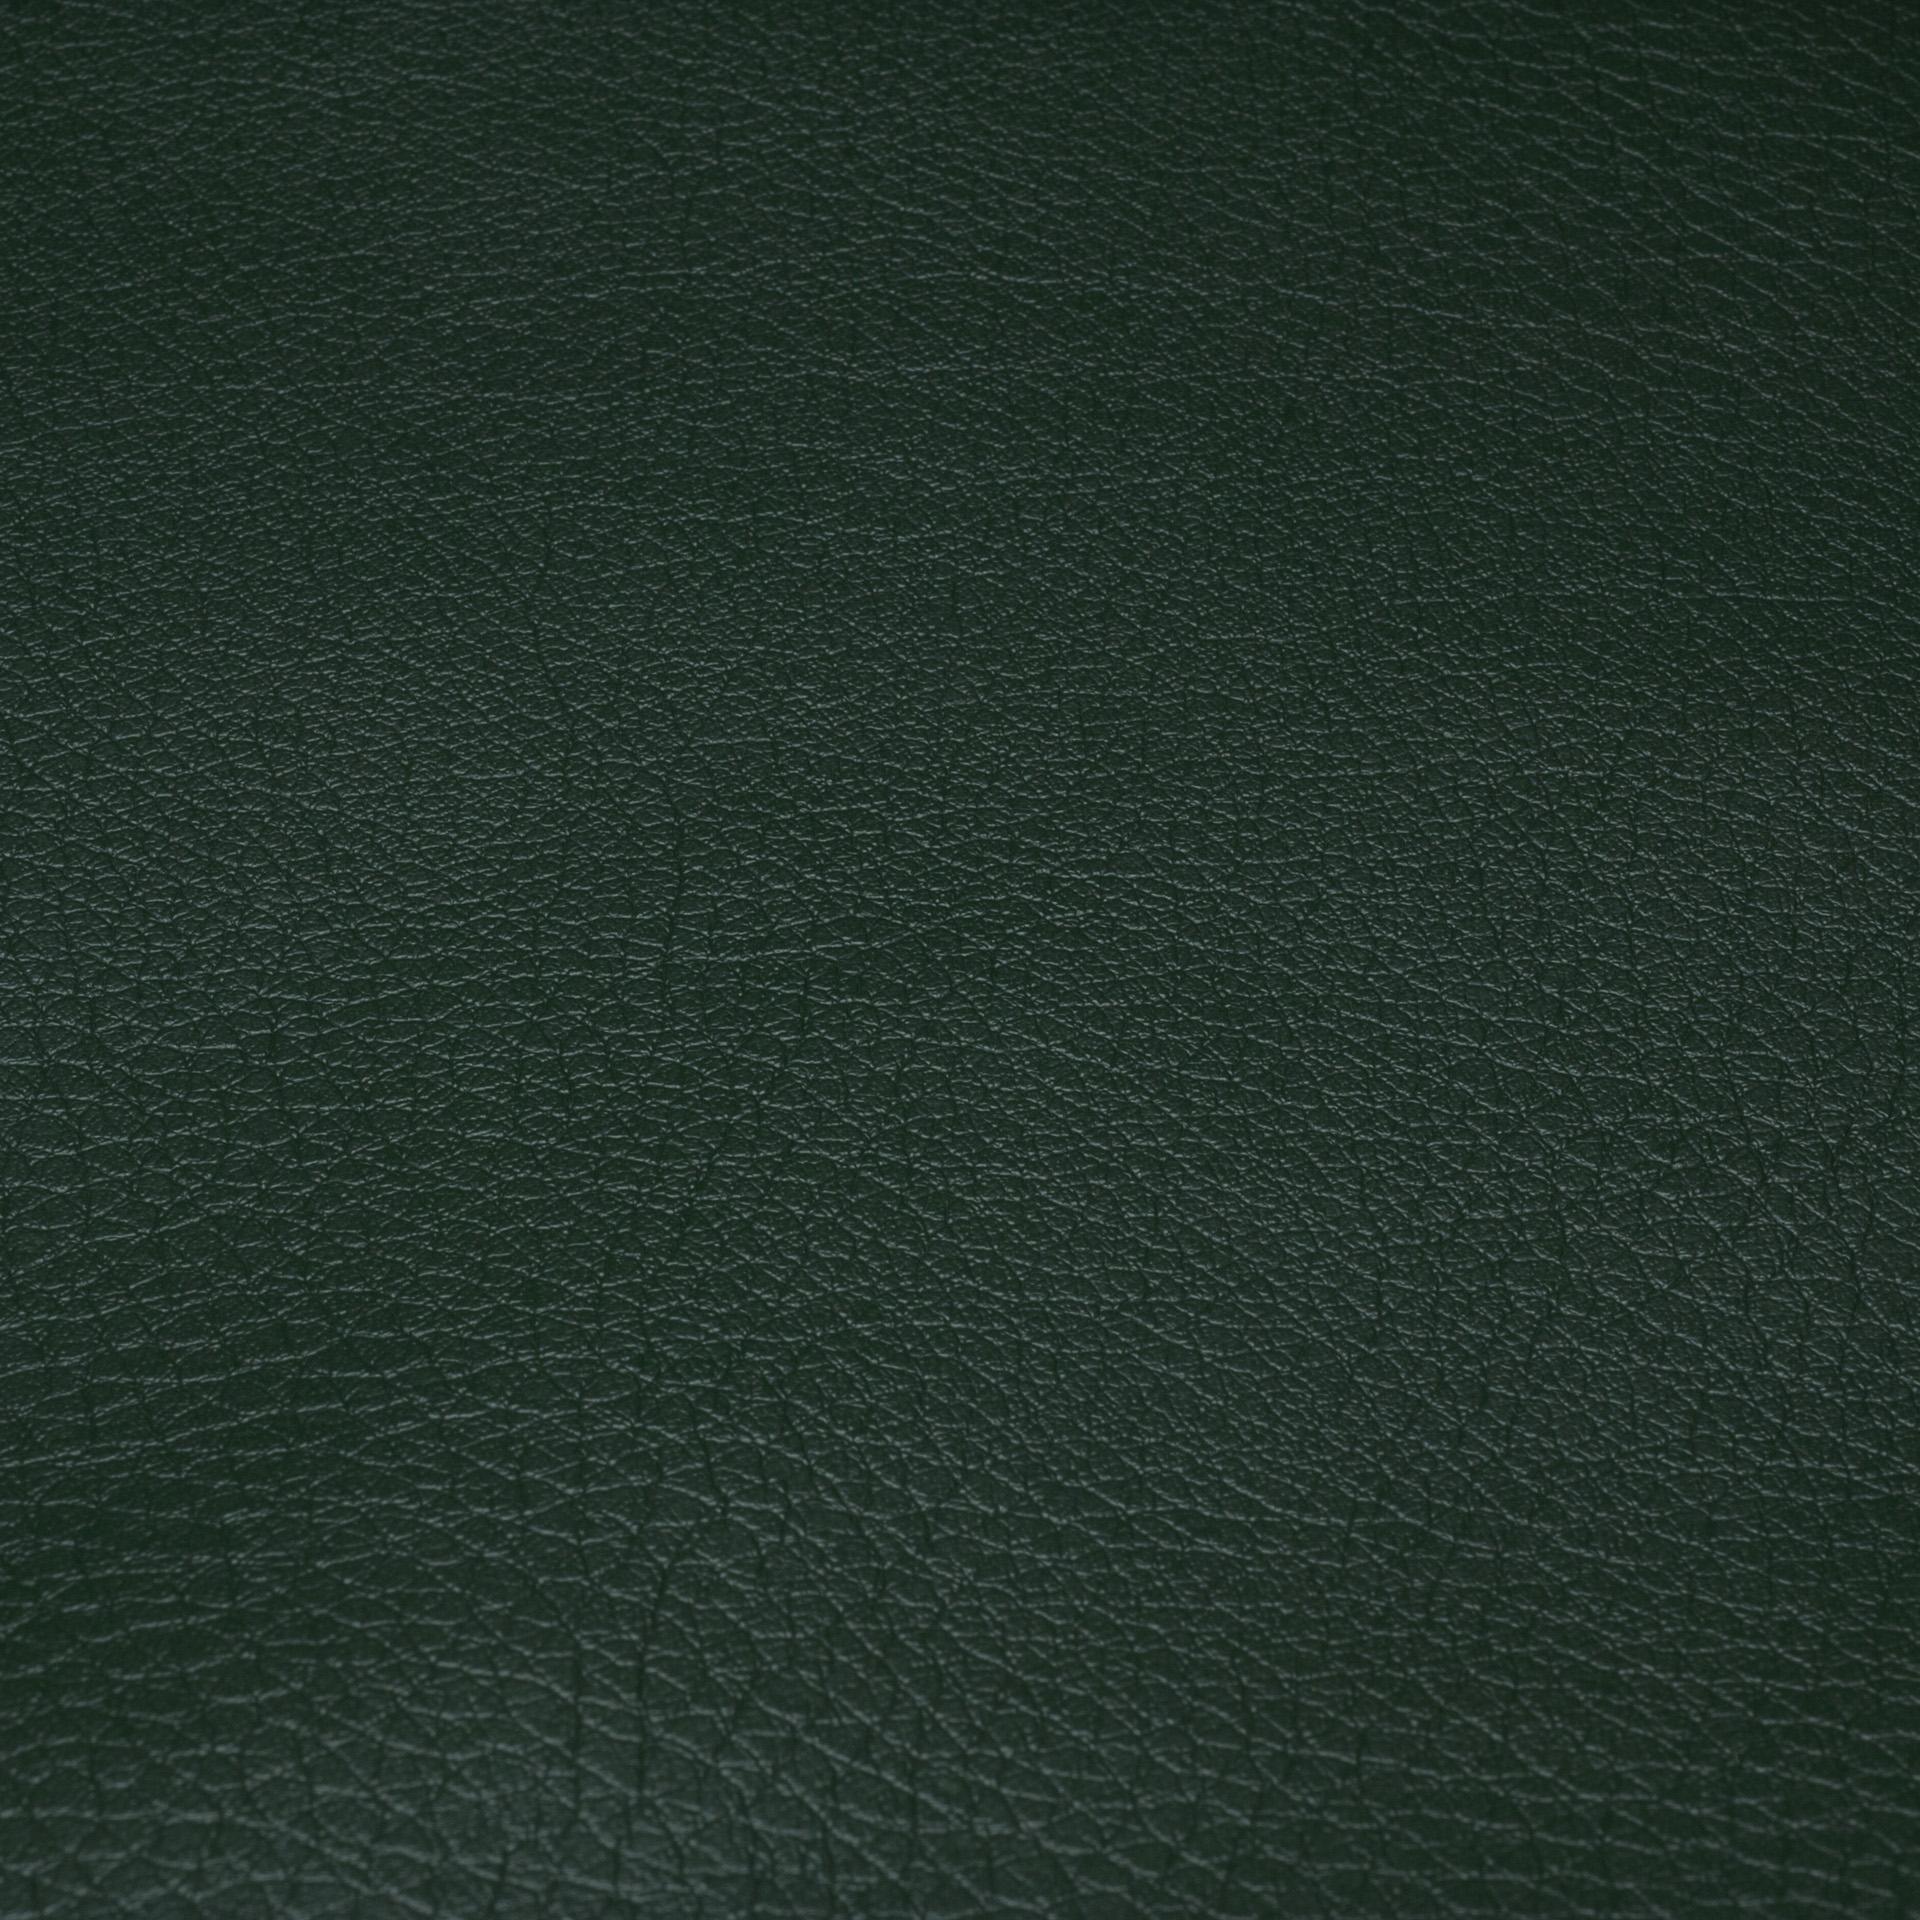 Коллекция ткани Софитель 17 Forest Green,  купить ткань Кож зам для мебели Украина